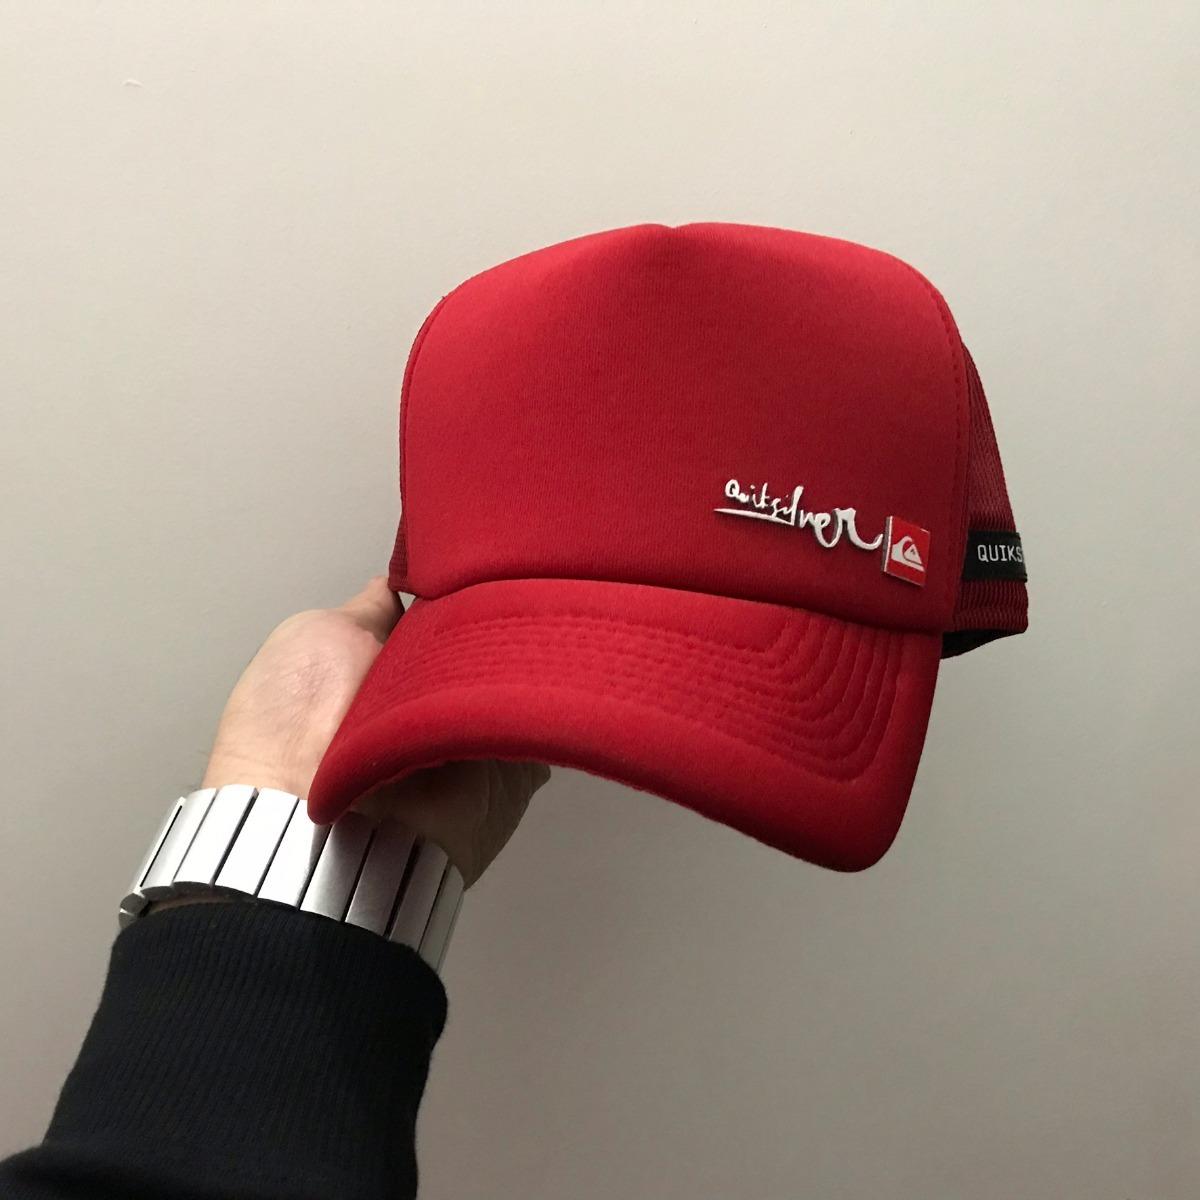 9c9f473a44e08 boné quiksilver hand brand red vermelho aba curva trucker. Carregando zoom.